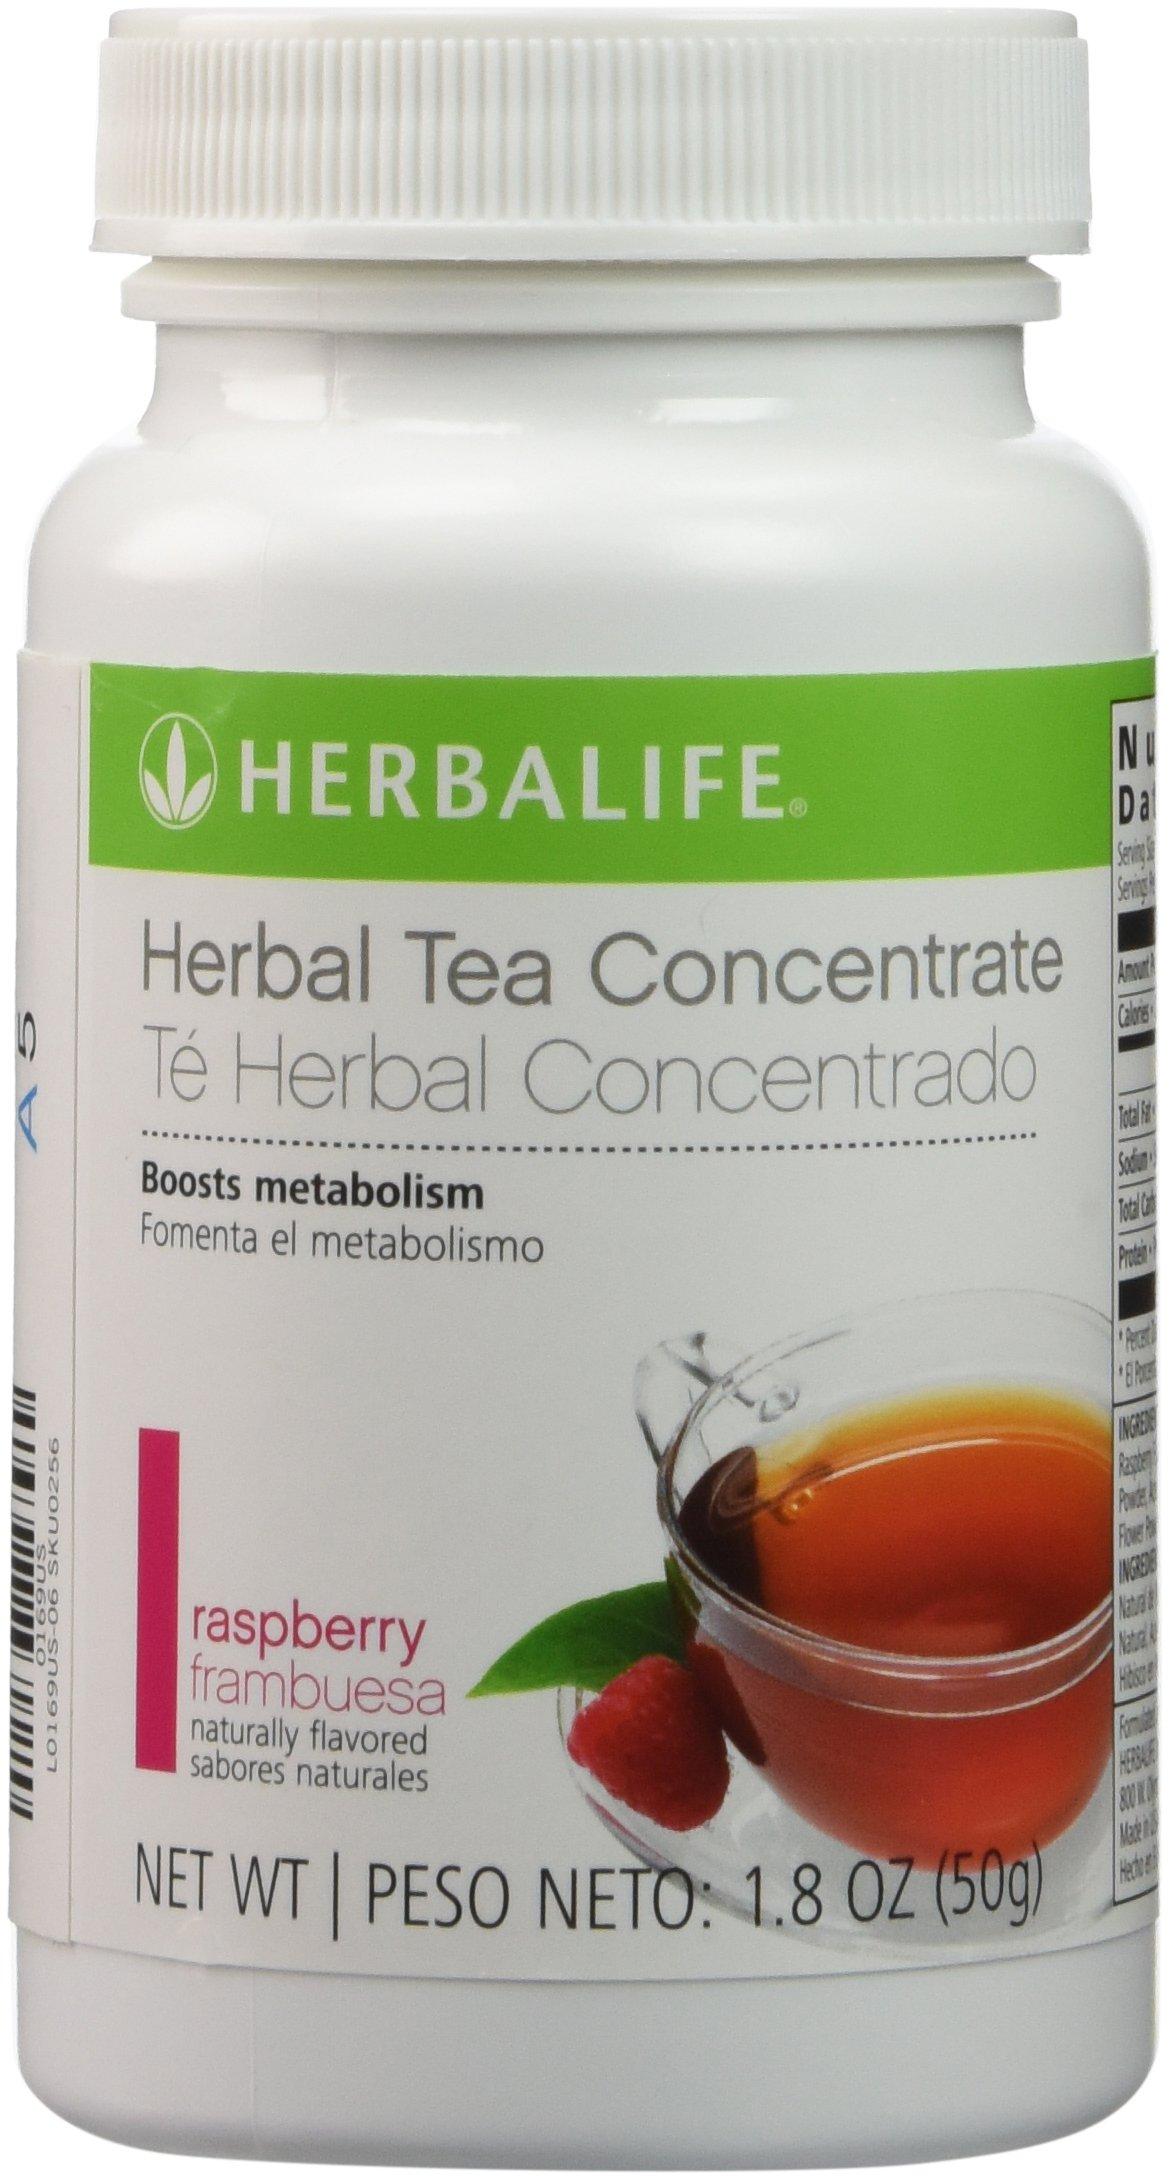 Herbalife Herbal Concentrate Tea - Raspberry (1.8 oz) by Herbalife